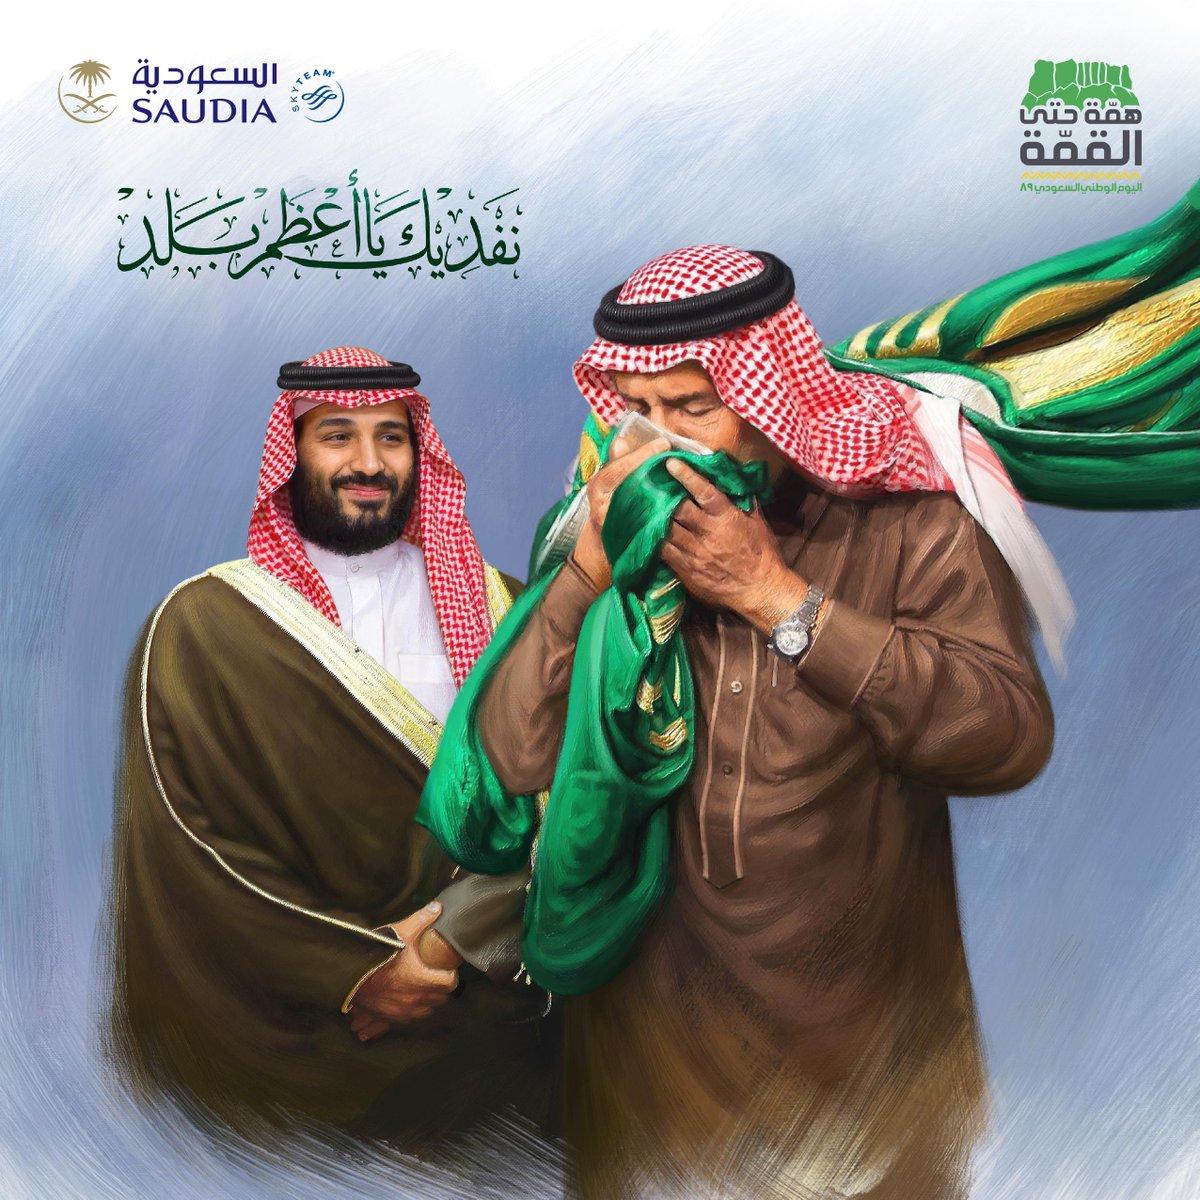 🇸🇦🇸🇦🇸🇦🇸🇦🇸🇦🇸🇦🇸🇦🇸🇦🇸🇦🇸🇦🇸🇦🇸🇦🇸🇦🇸🇦🇸🇦🇸🇦🇸🇦🇸🇦🇸🇦🇸🇦🇸🇦🇸🇦🇸🇦🇸🇦🇸🇦🇸🇦🇸🇦🇸🇦🇸🇦🇸🇦🇸🇦🇸🇦#أعظم_بلد#السعودية_العظمى#اليوم_الوطني89#اليوم_الوطني_السعودي#همة_حتى_القمة#الخطوط_السعودية